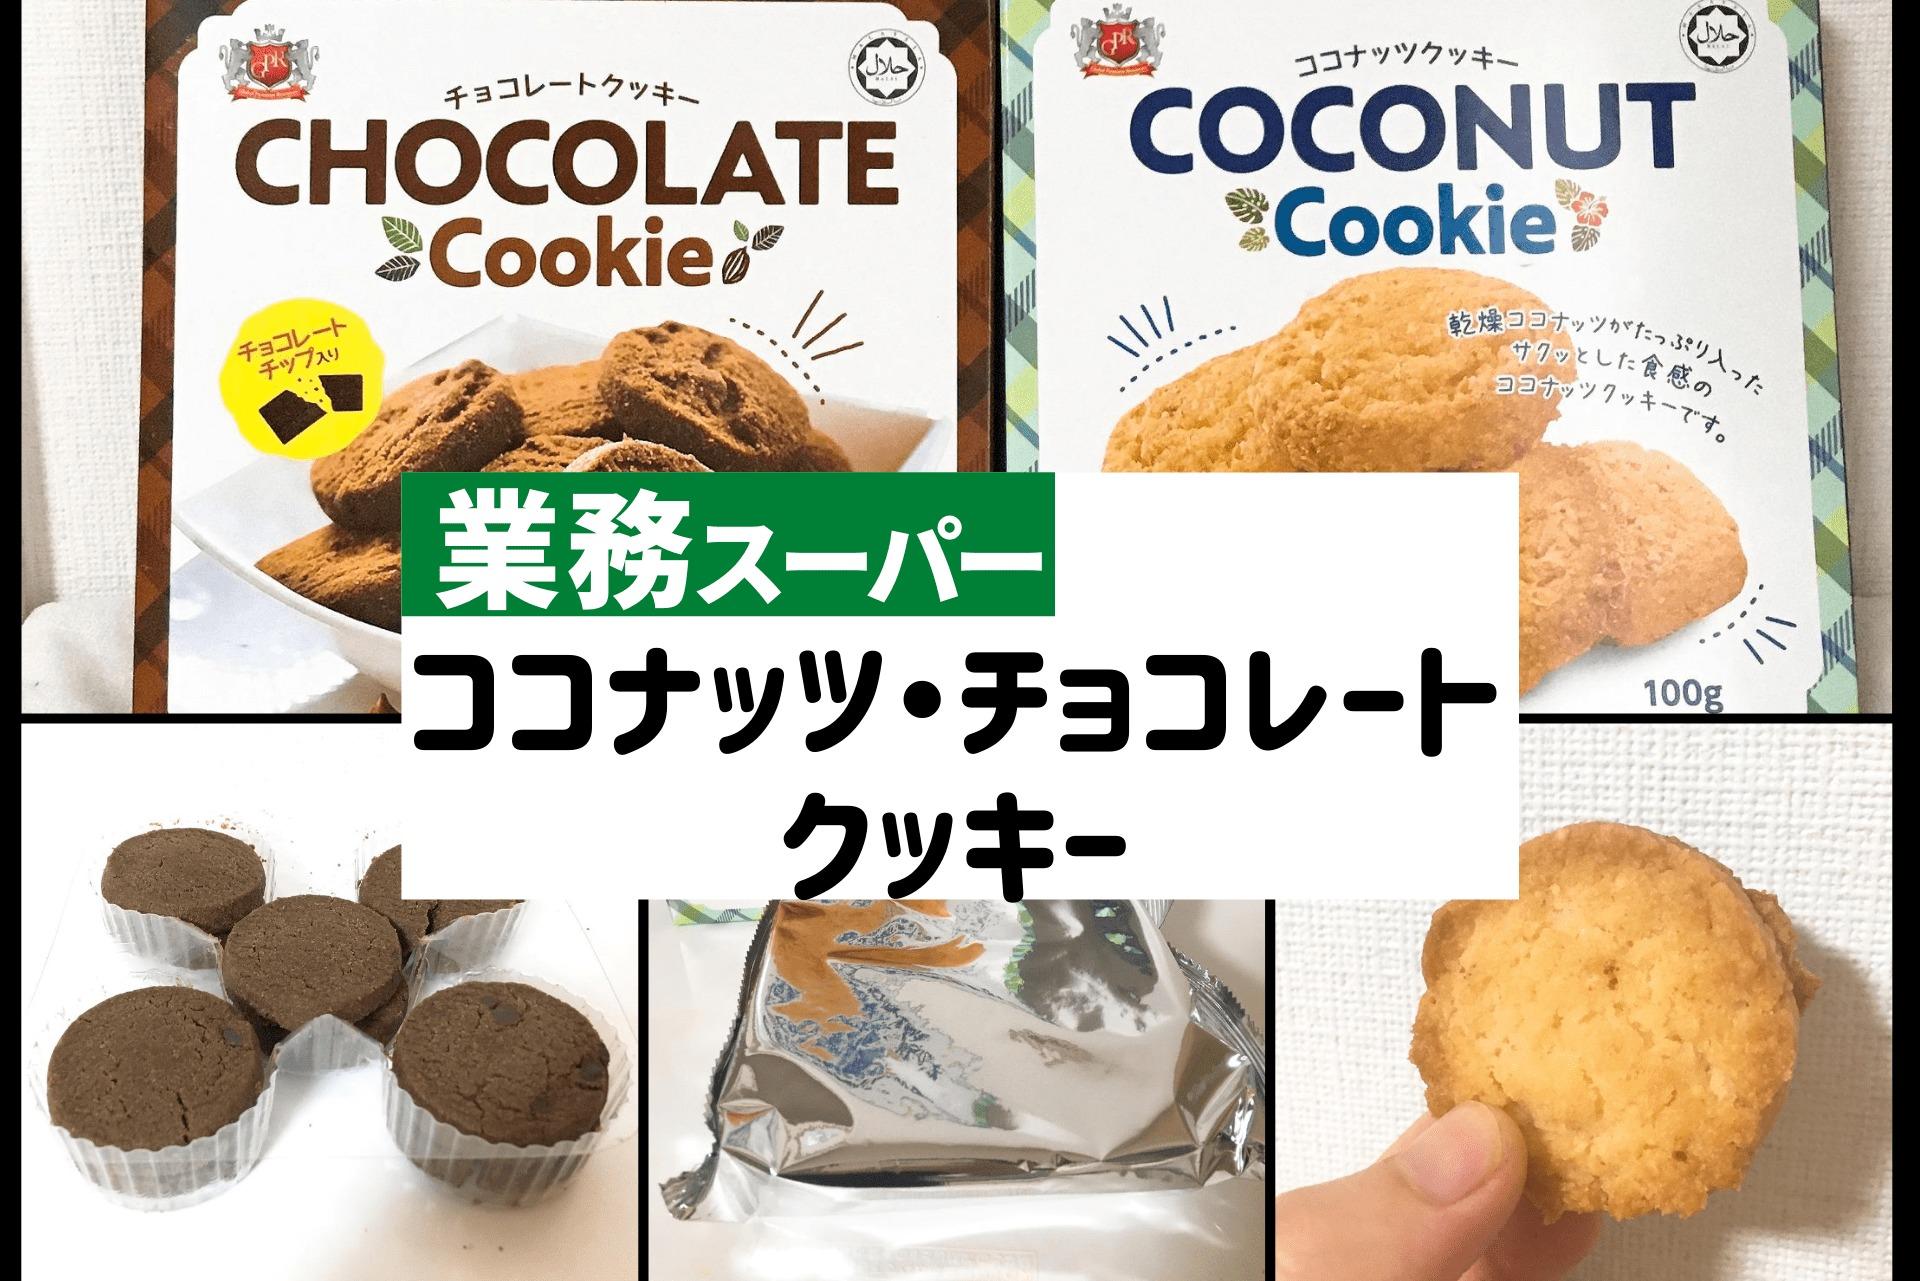 ココナッツちょこクッキー